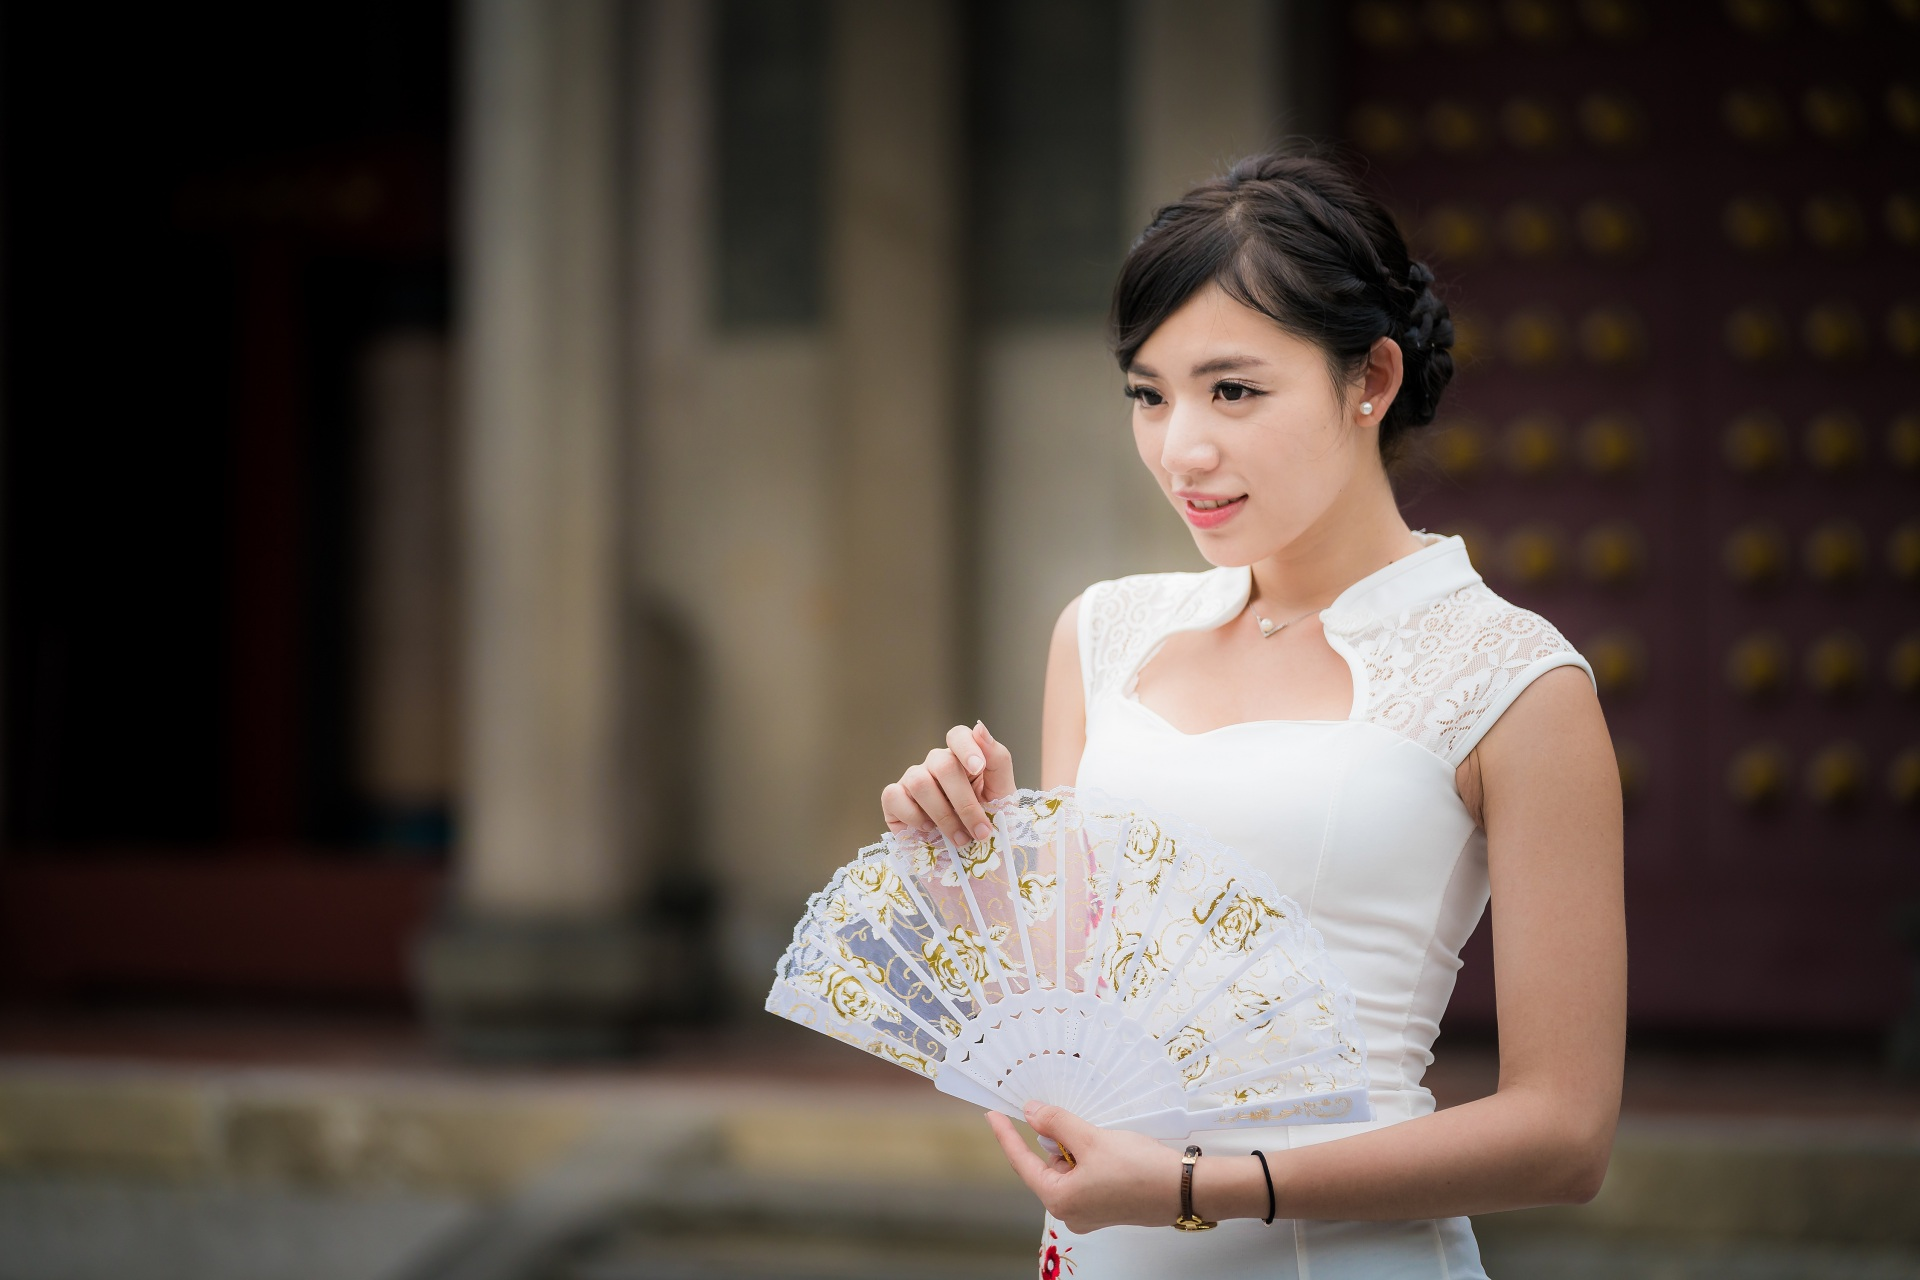 Фотография Девушки брюнеток Размытый фон Веер азиатка Платье 1920x1280 девушка молодые женщины молодая женщина Брюнетка брюнетки боке Азиаты азиатки платья